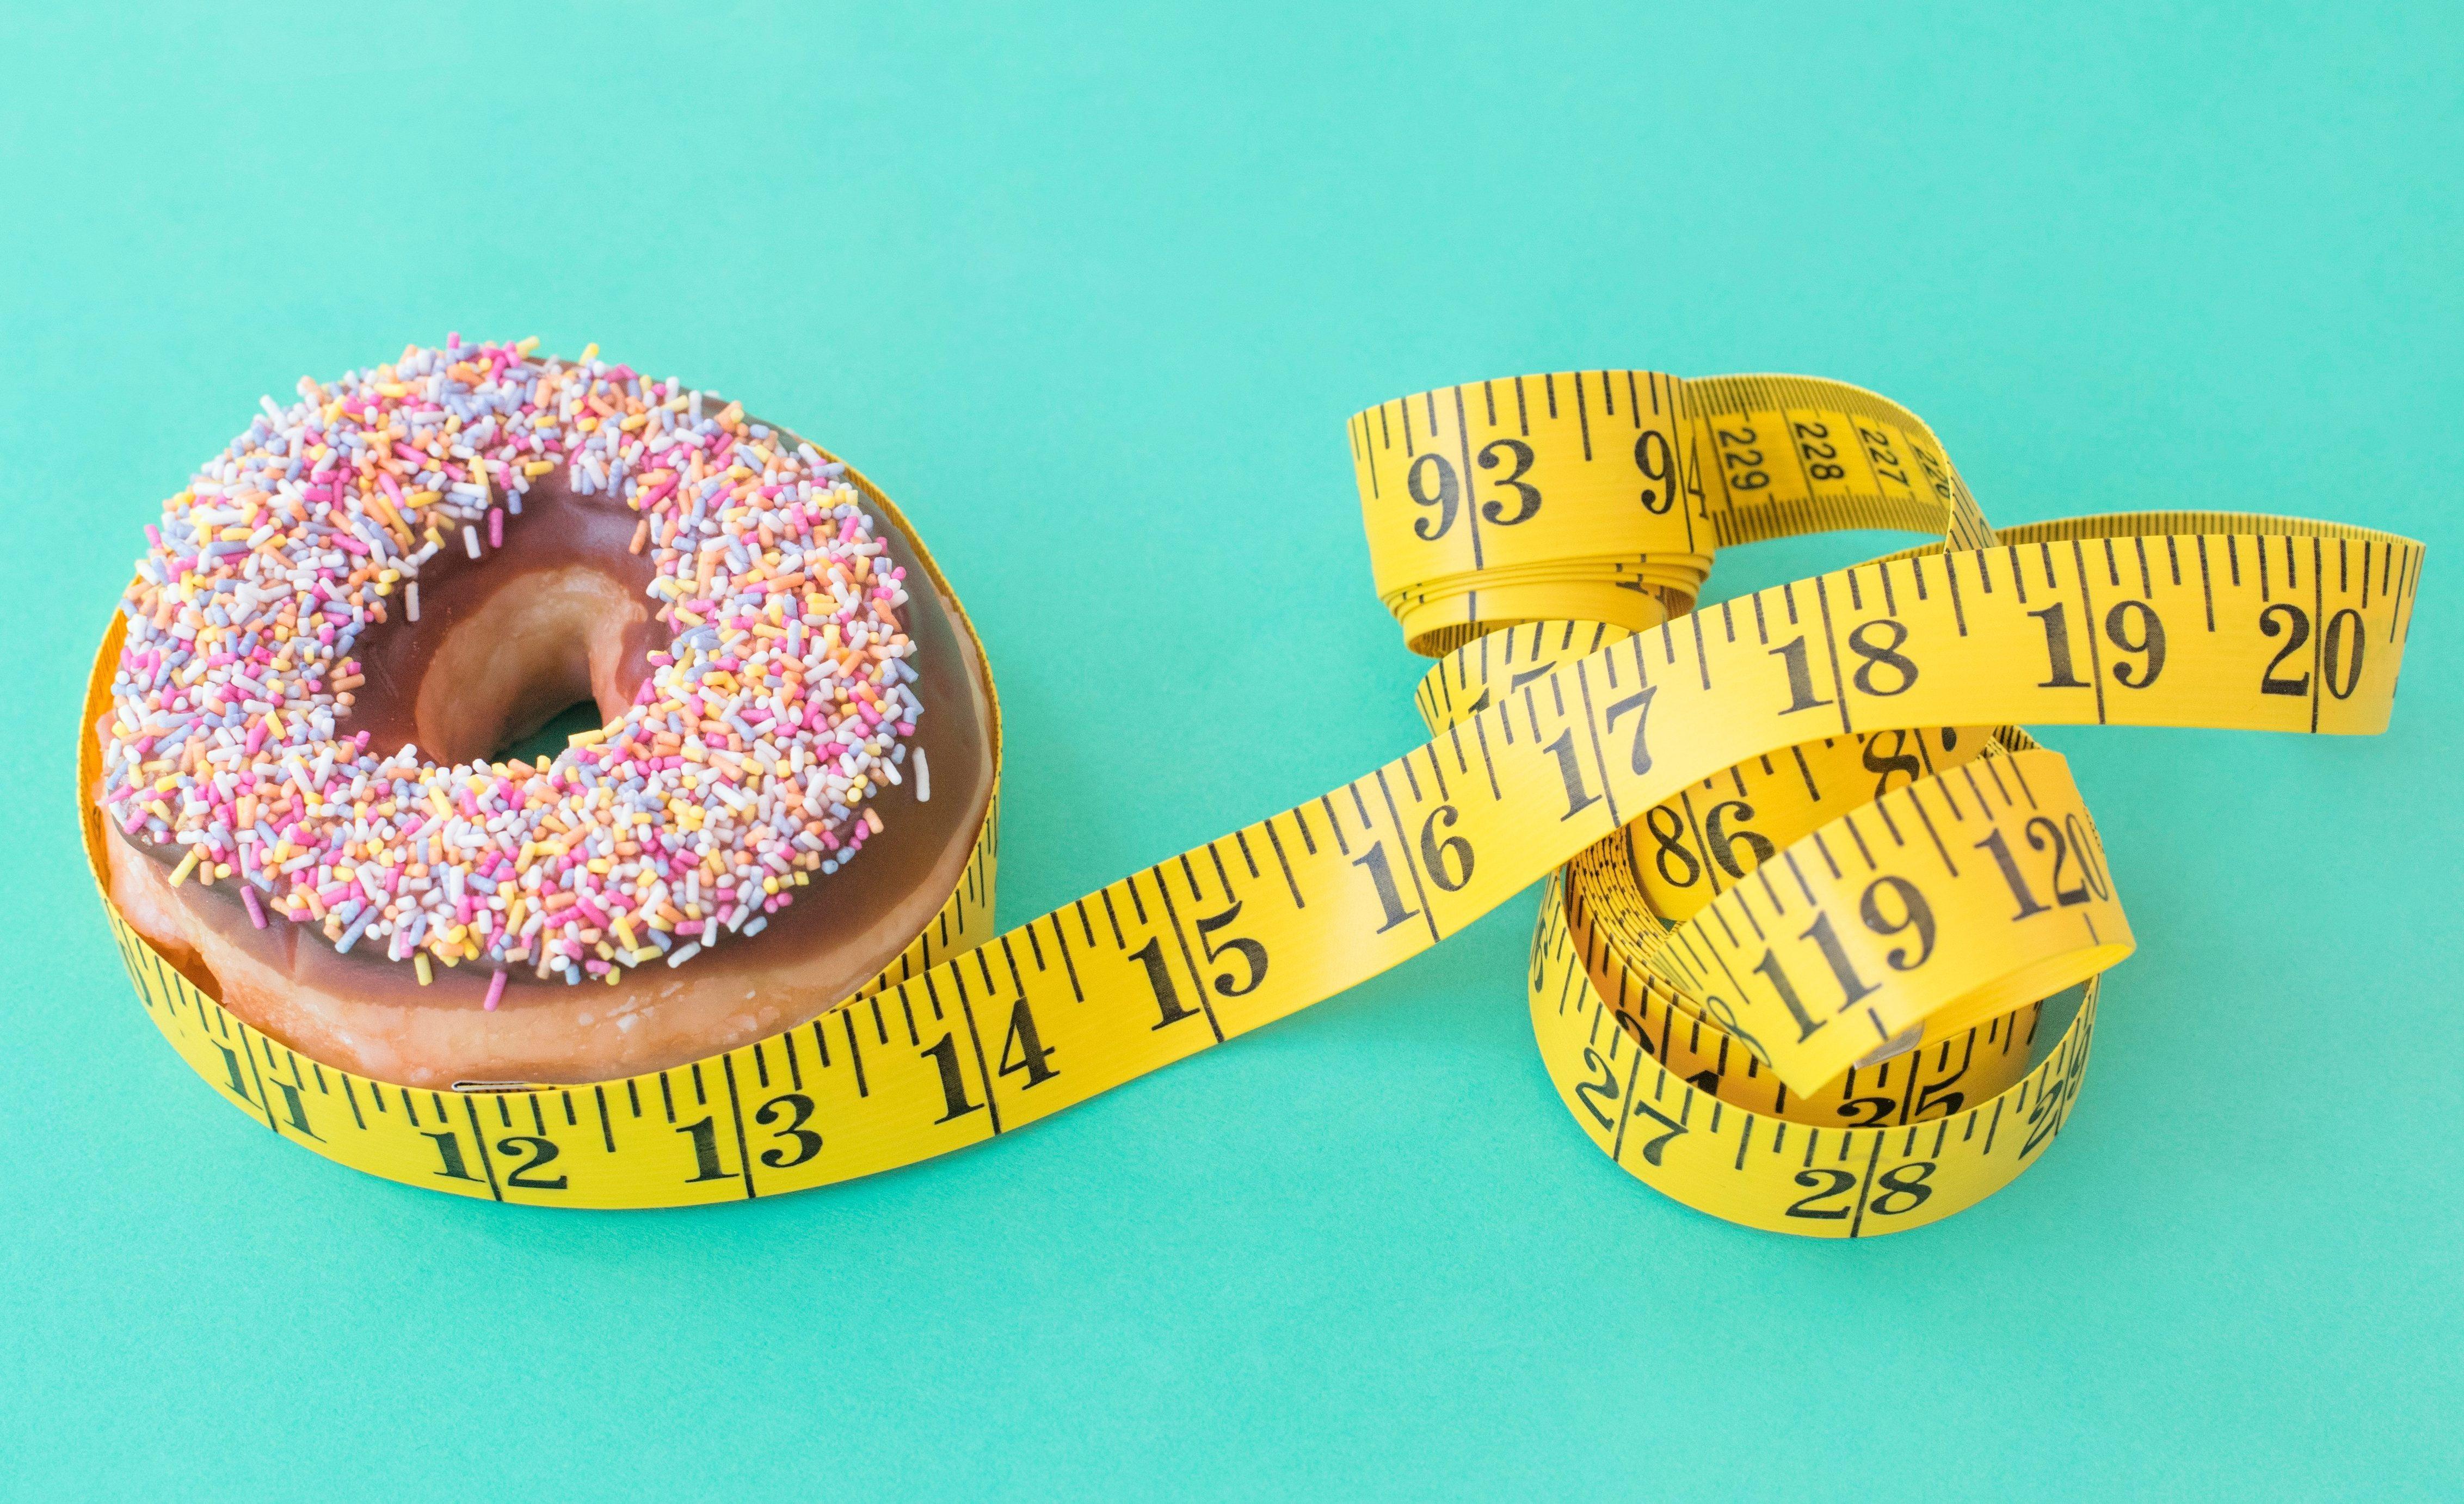 Как не сорваться с диеты: начать худеть и удержаться, перестать срываться, правильная мотивация, советы и хитрости от диетологов | customs.news